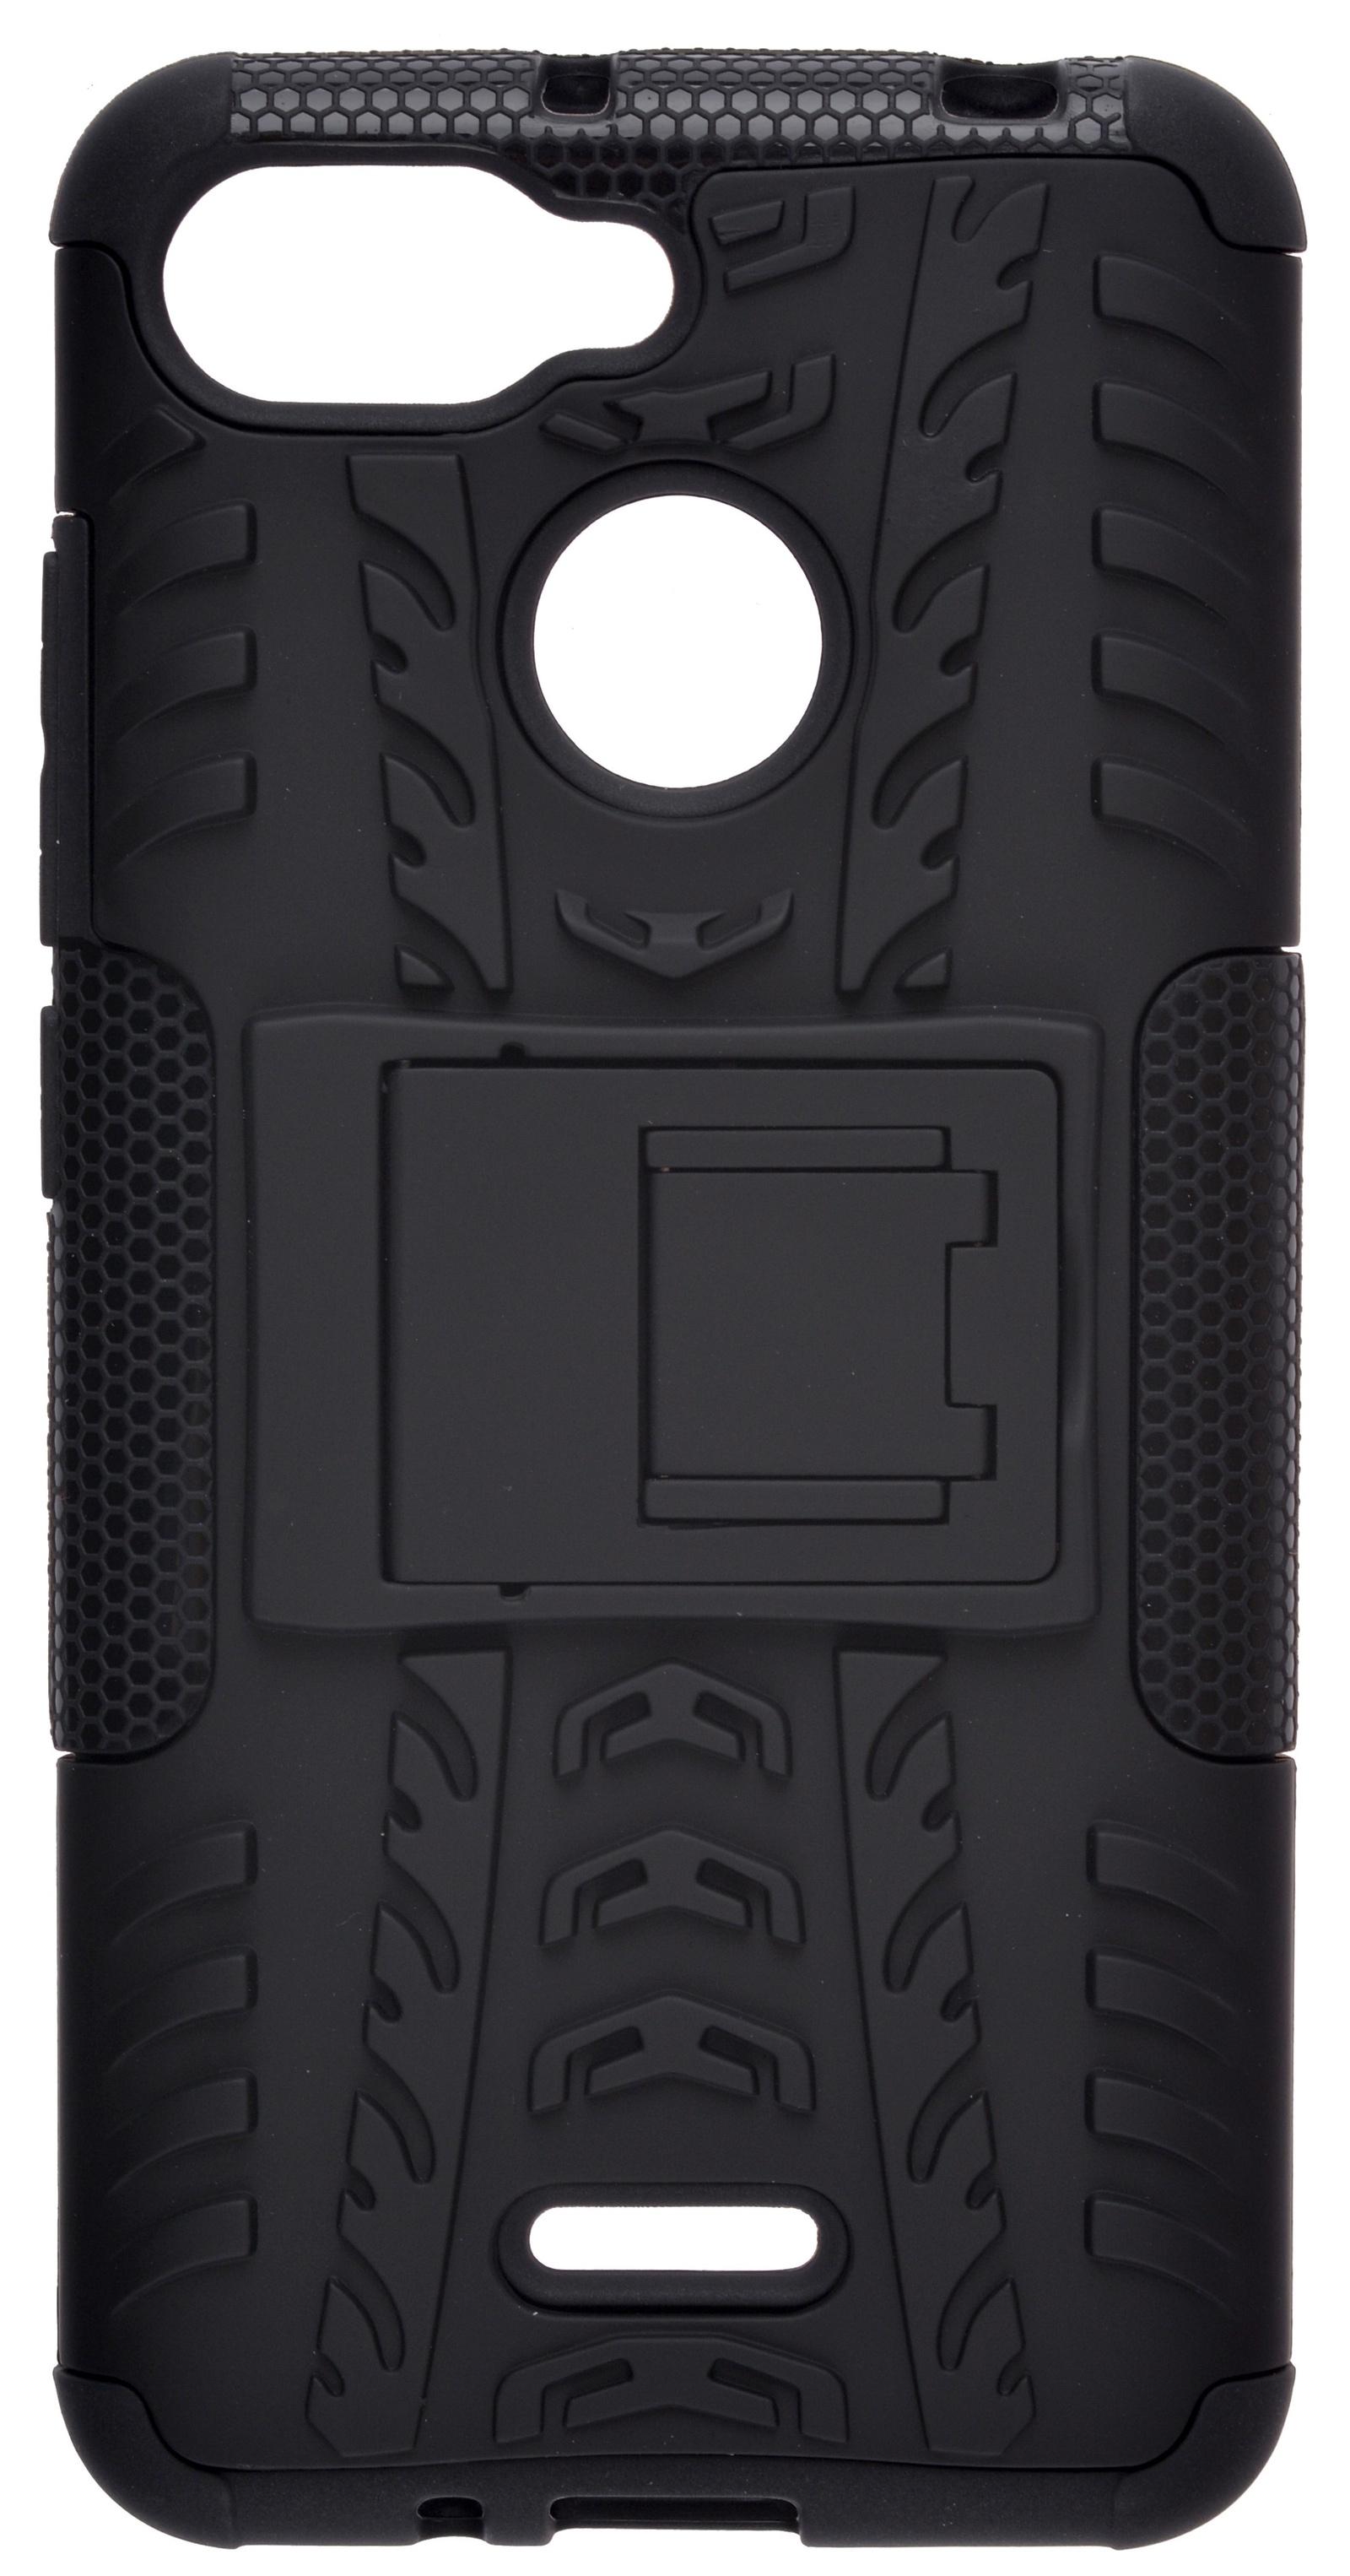 Чехол для сотового телефона skinBOX Defender, 4630042520806, черный все цены